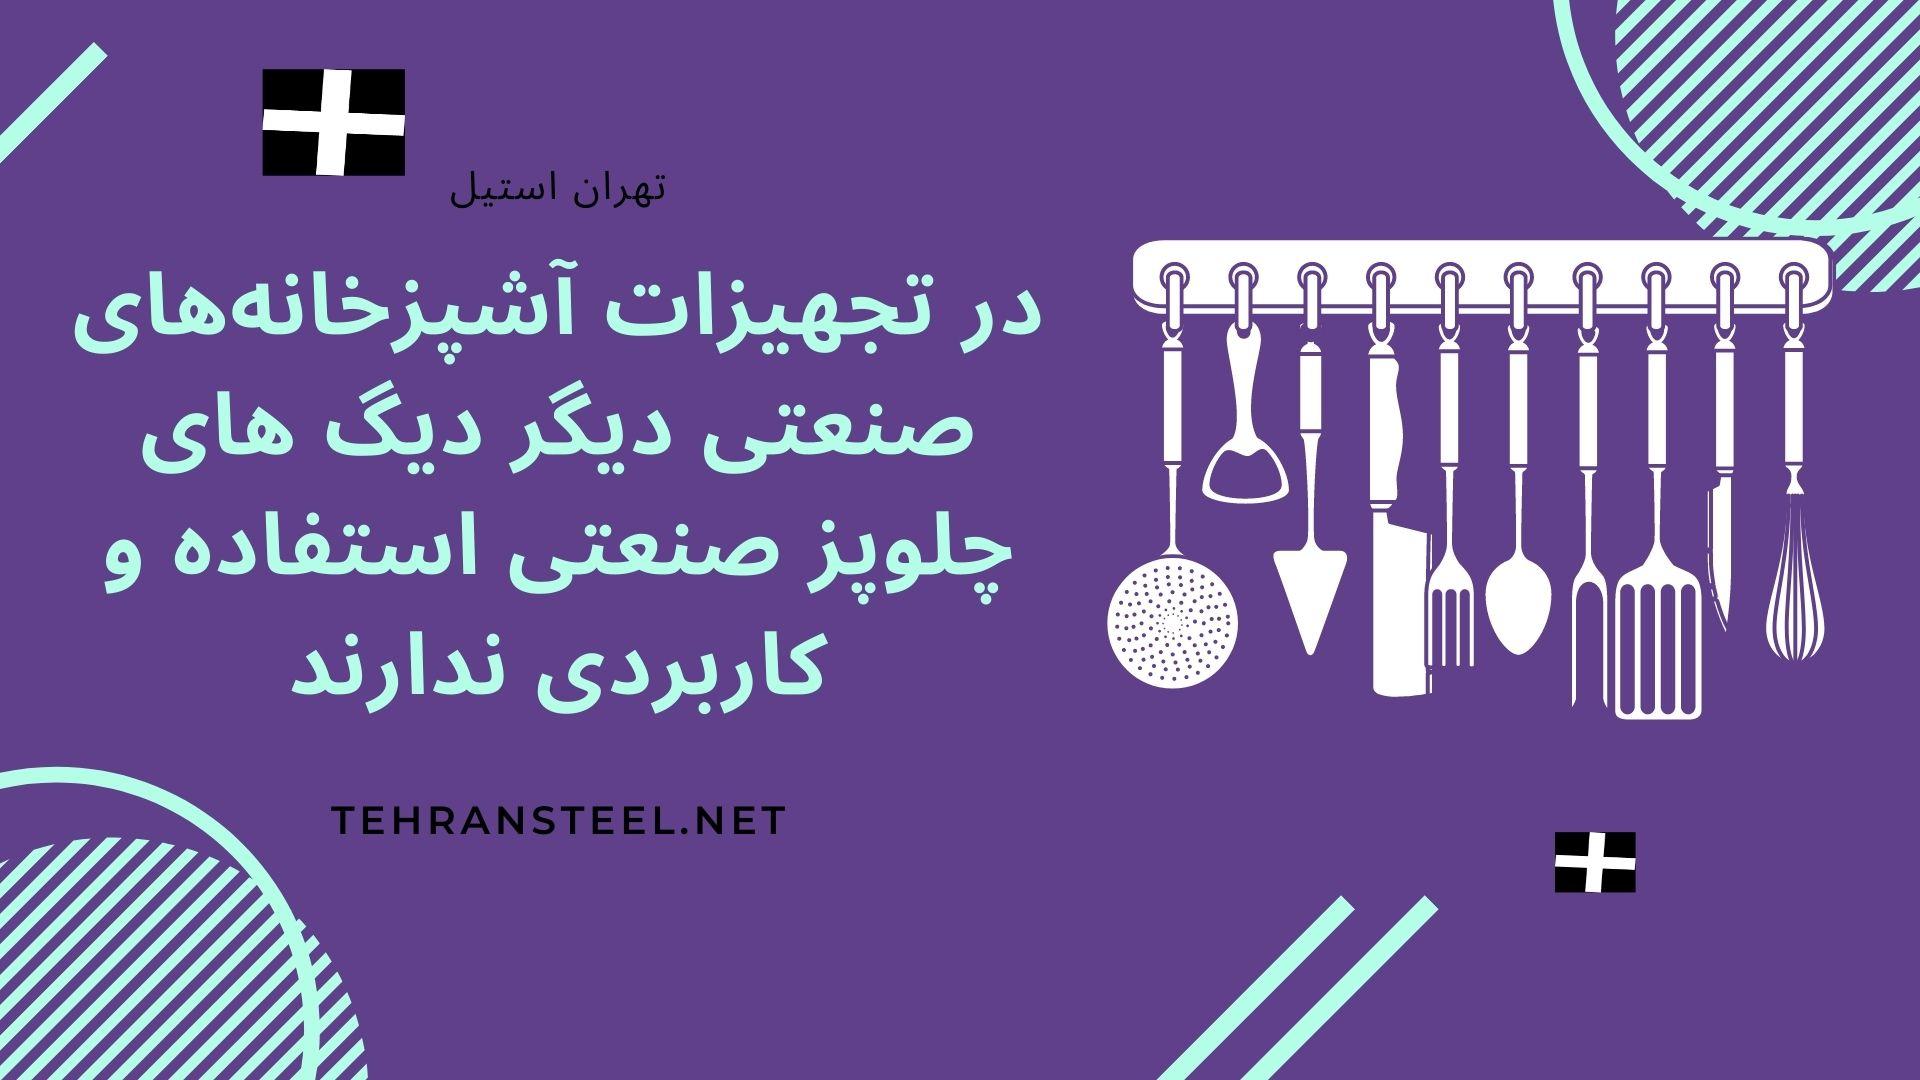 در تجهیزات آشپزخانههای صنعتی دیگر دیگ های چلوپز صنعتی استفاده و کاربردی ندارند